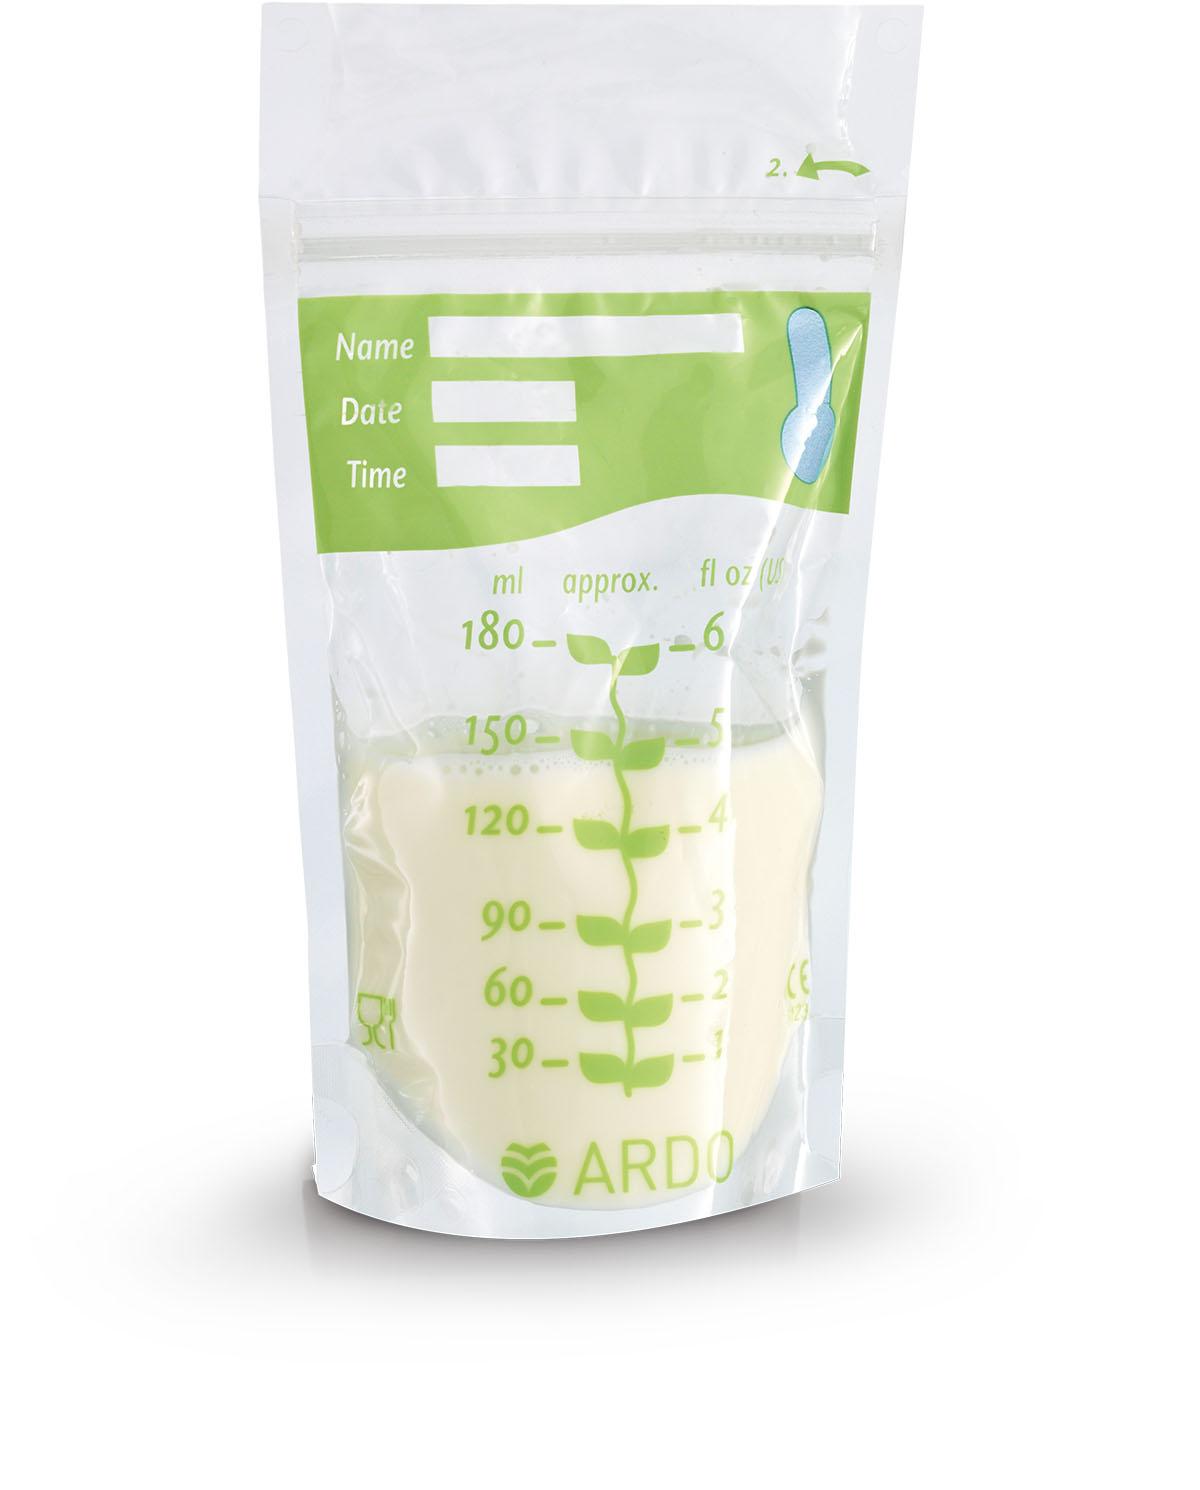 ardo-easy-freeze-breastmilk-storage-bags-2.jpg